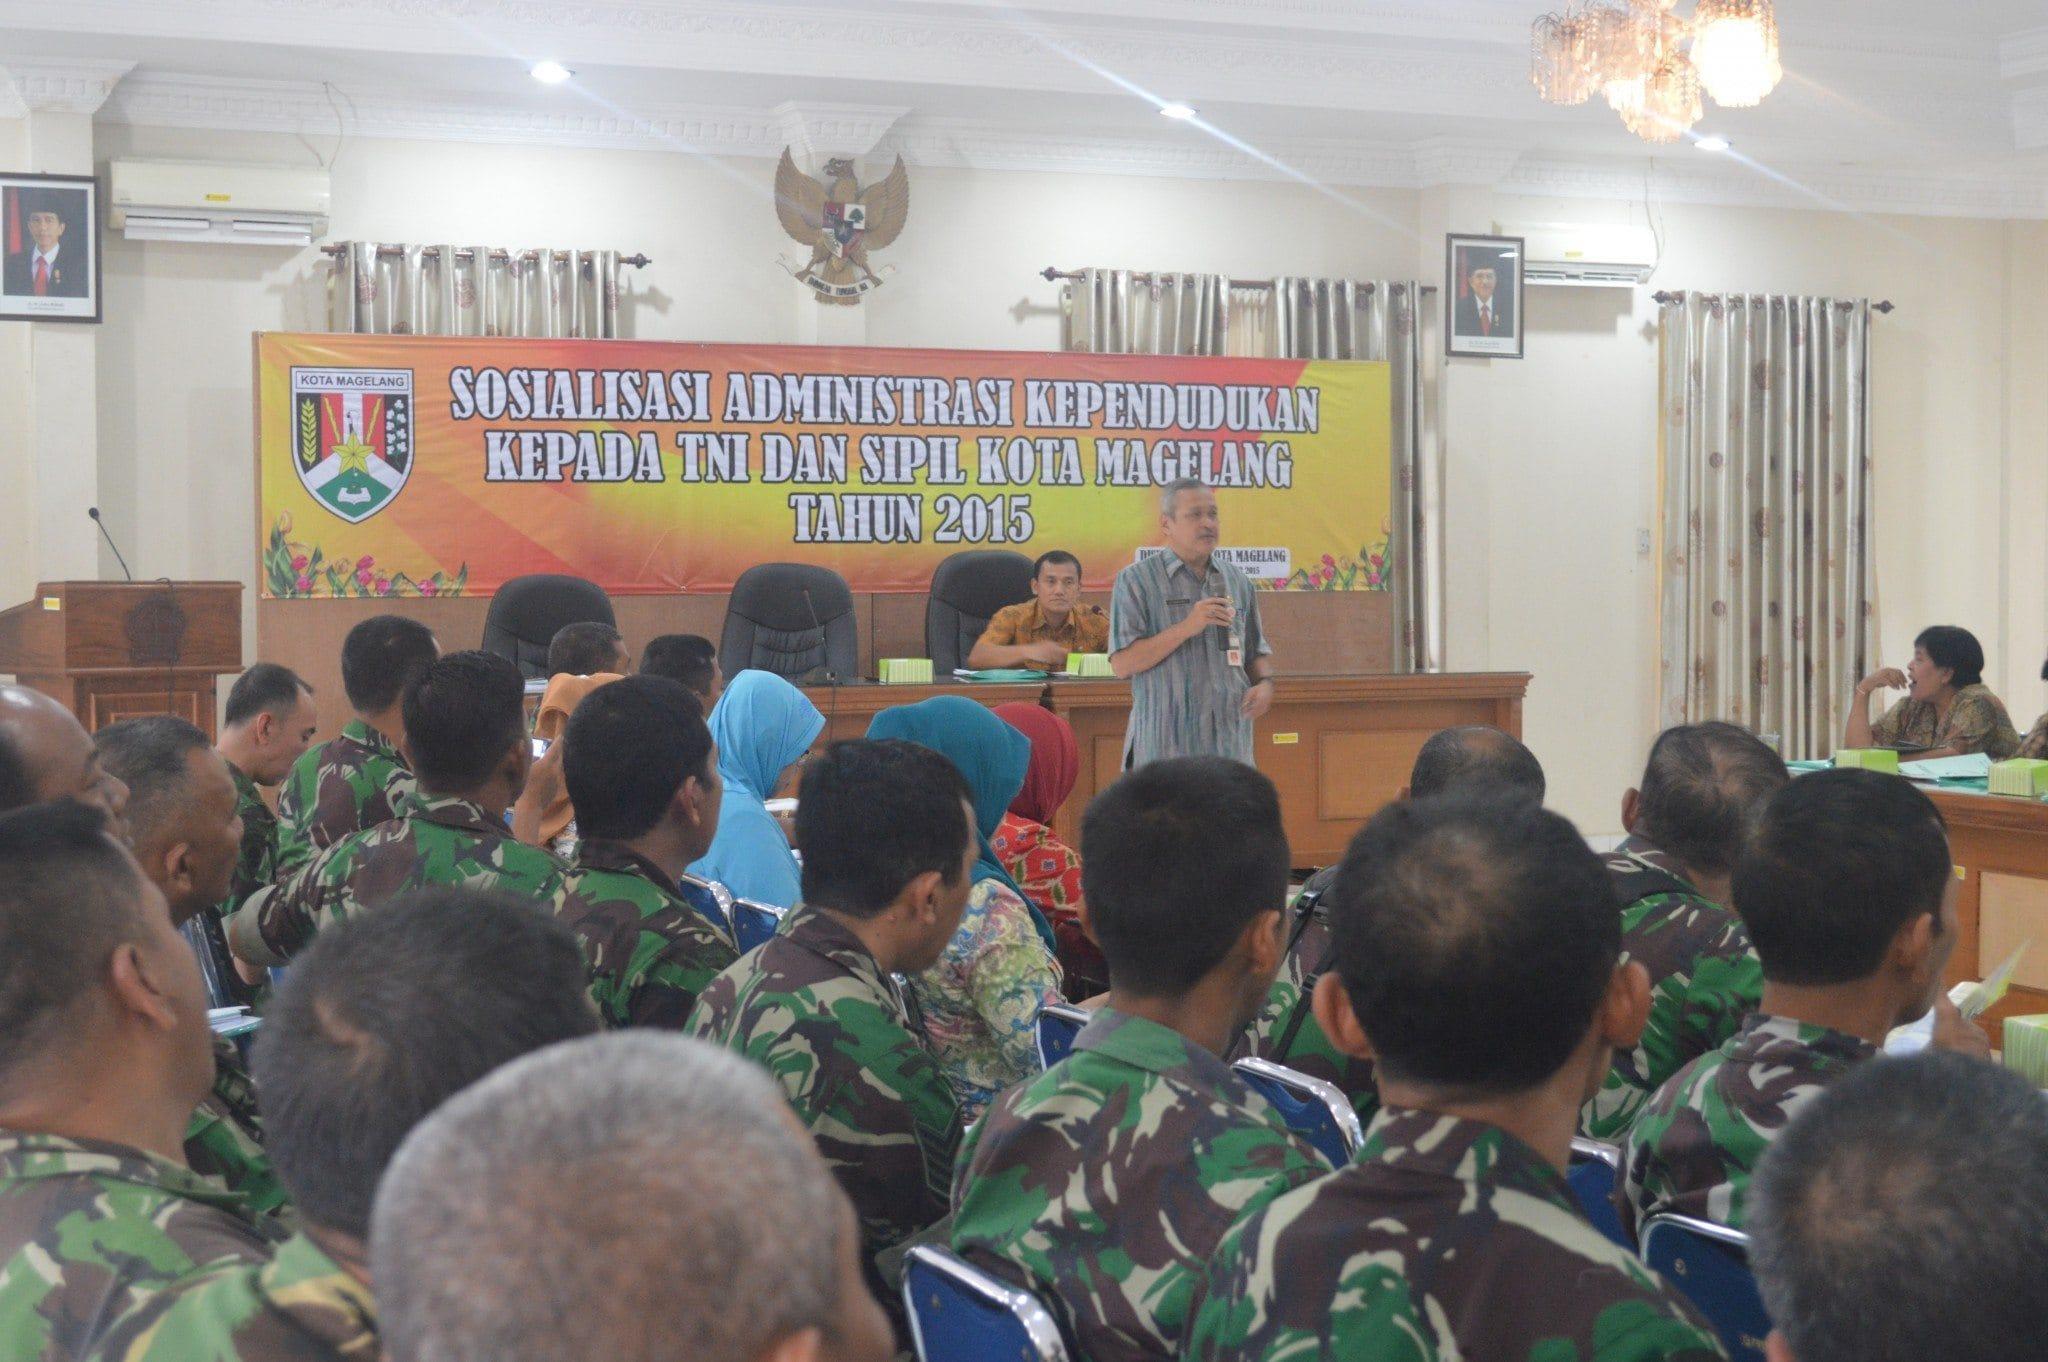 Sosialisasi Administrasi Kependudukan Kepada TNI dan Sipil Kota Magelang Tahun 2015